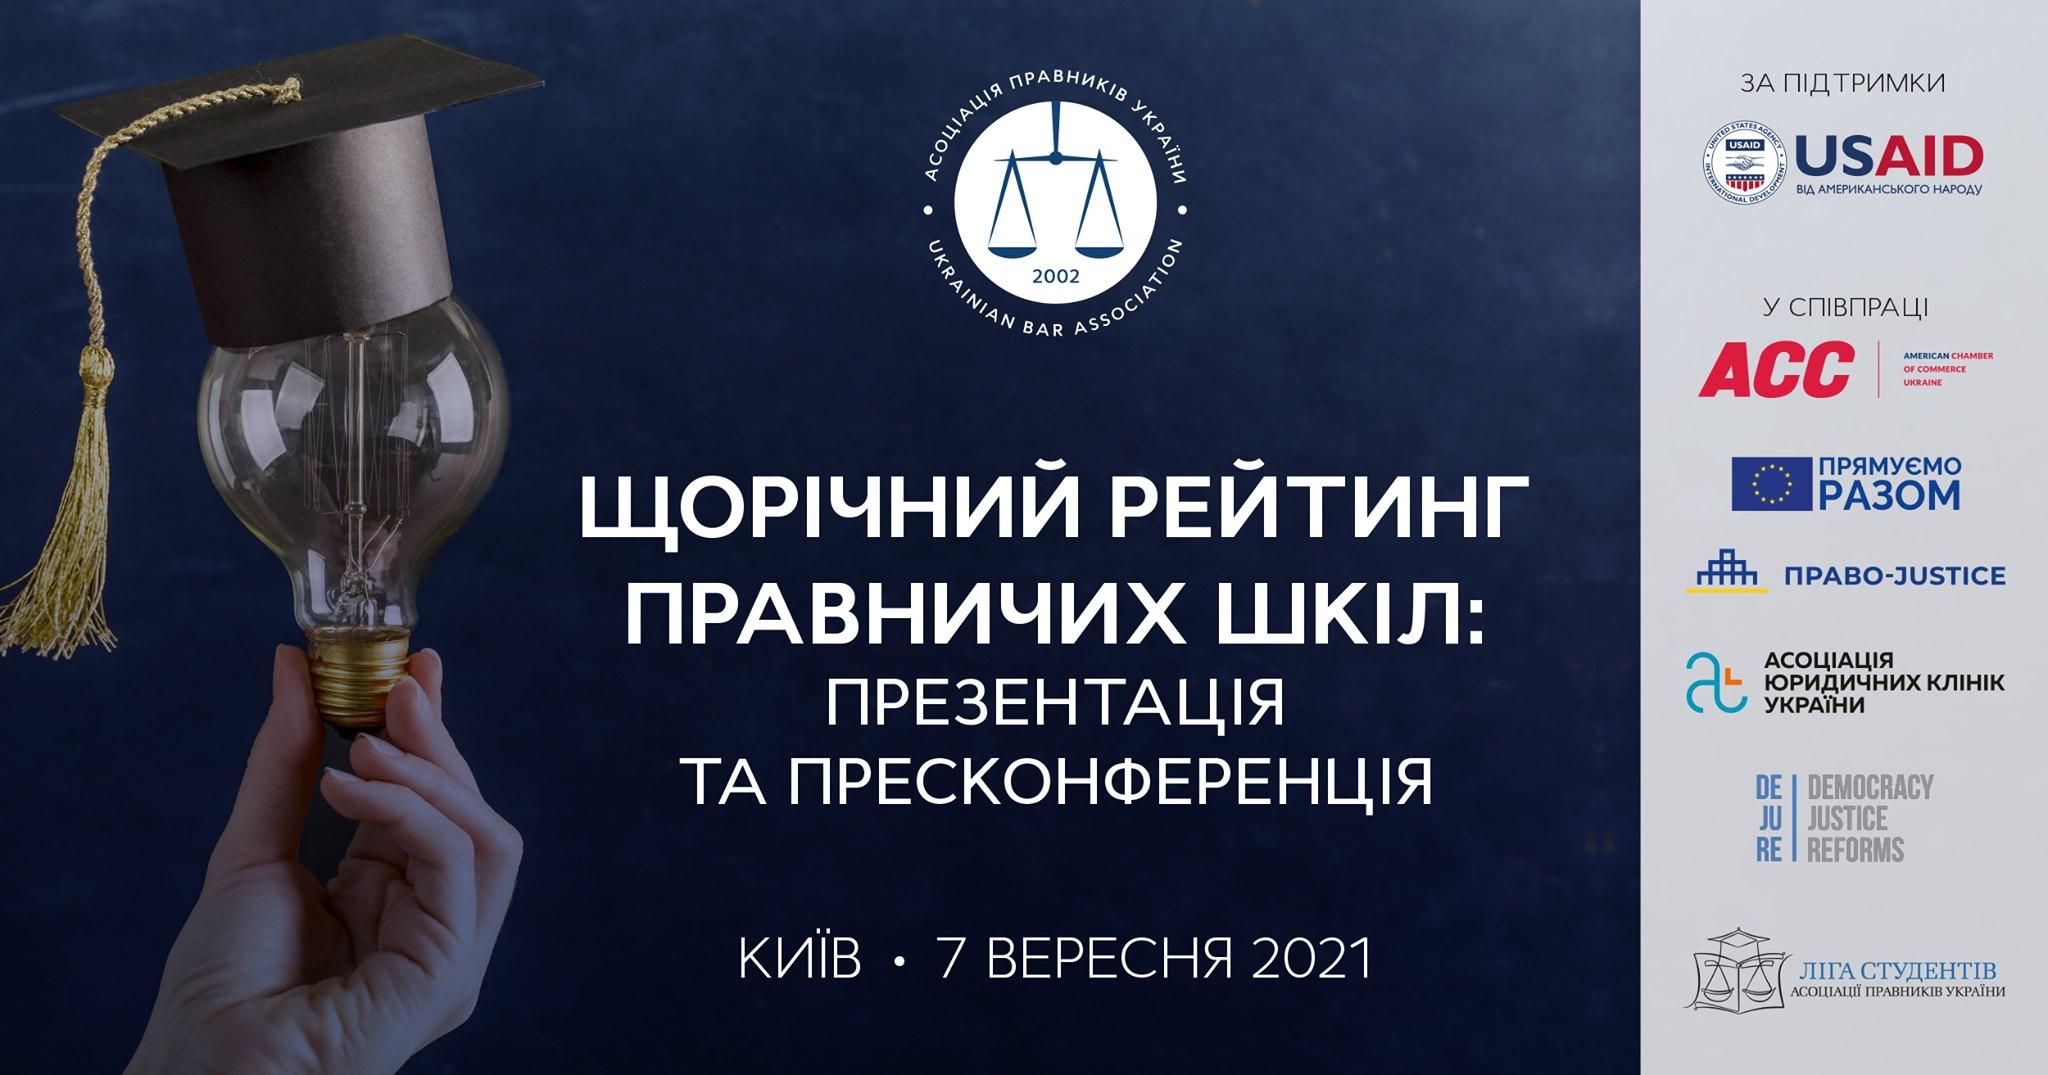 Щорічний рейтинг правничих шкіл: презентація та пресконференція